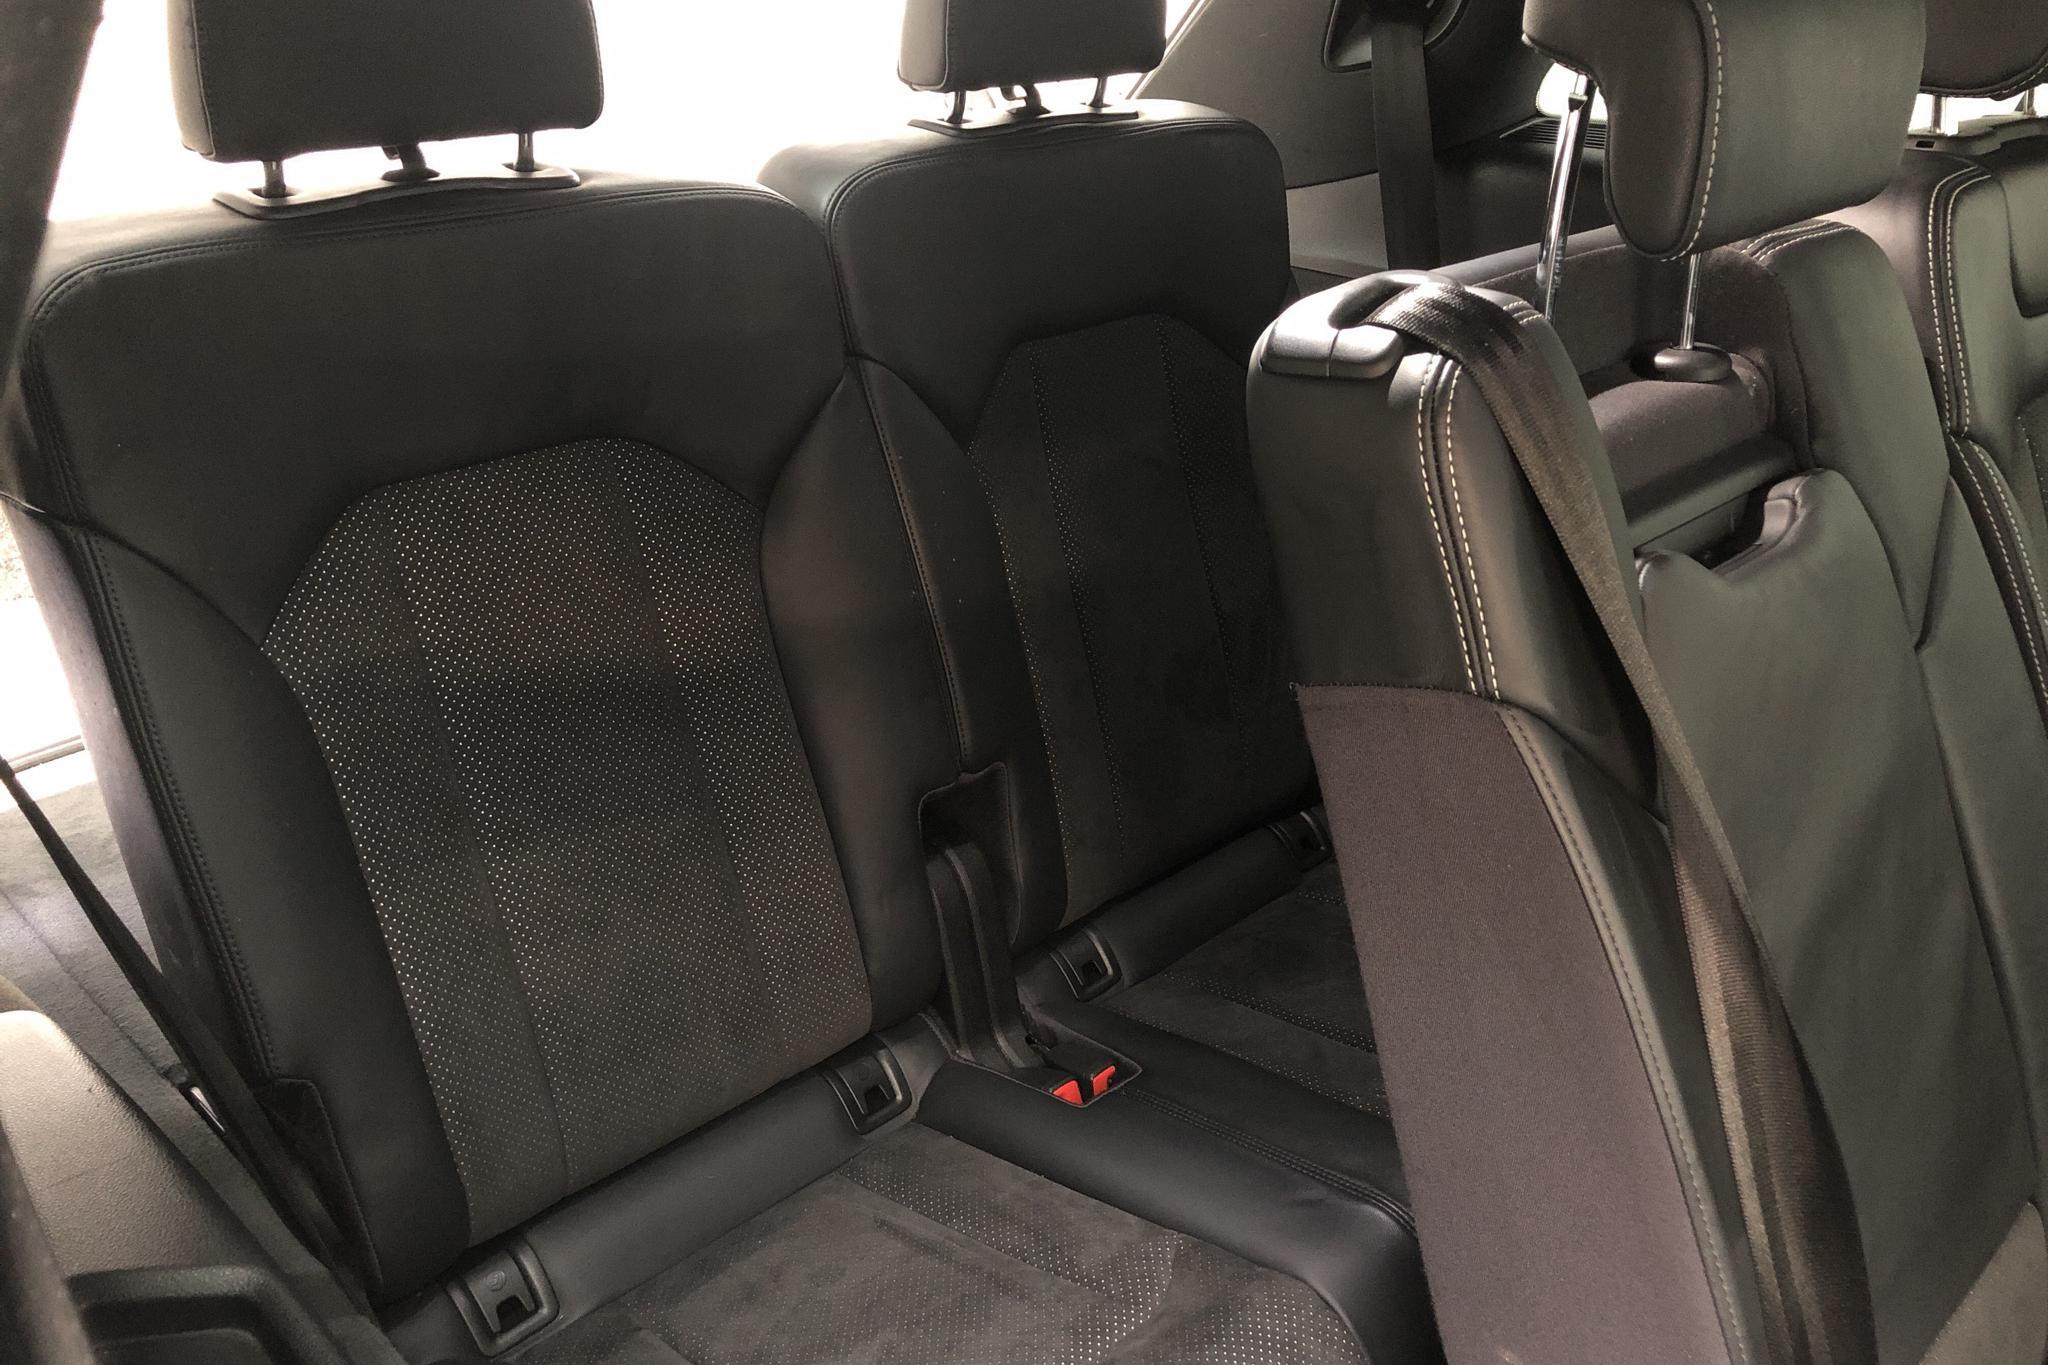 Audi Q7 3.0 TDI quattro (272hk) - 9 912 mil - Automat - vit - 2016